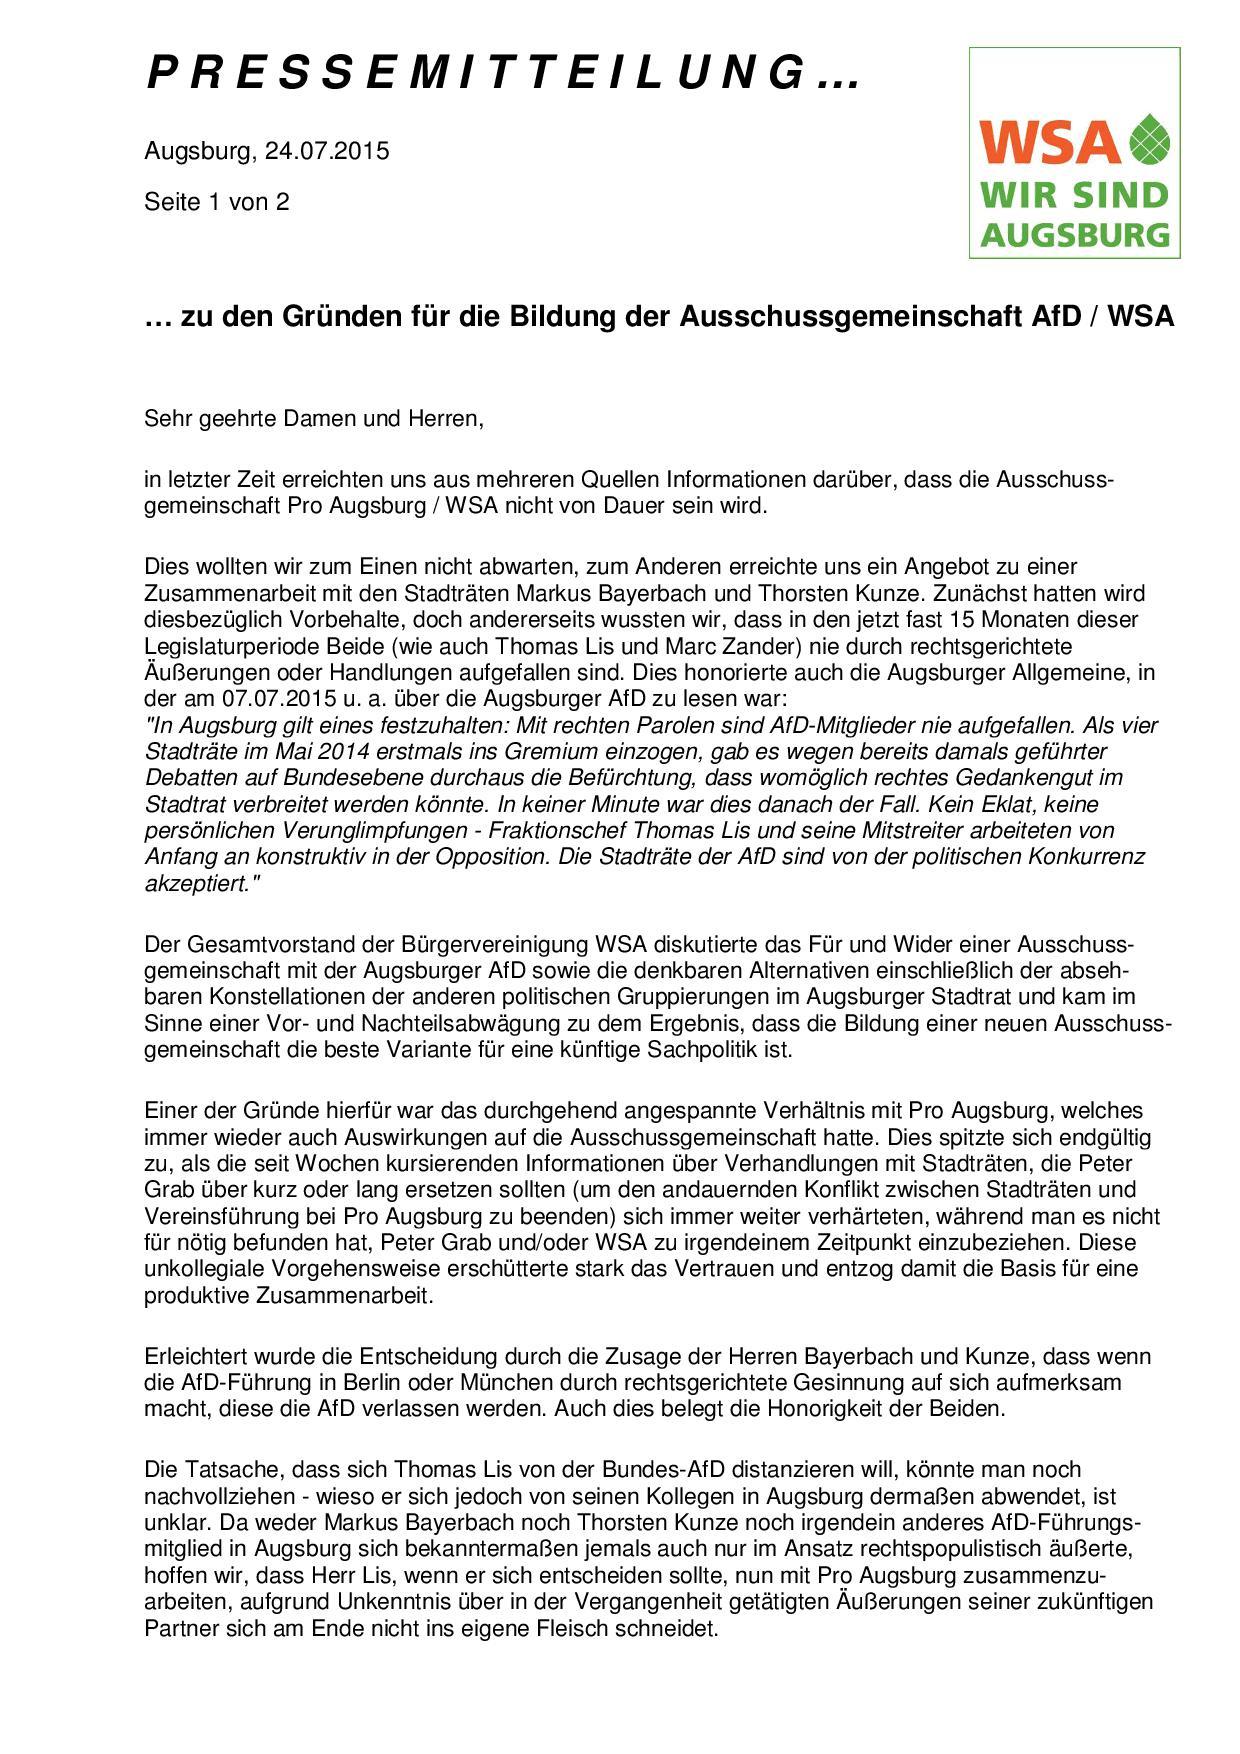 WSA-Pressemitteilung vom 24.07.2015 zur Bildung einer Ausschussgemeinschaft AfD-WSA-001